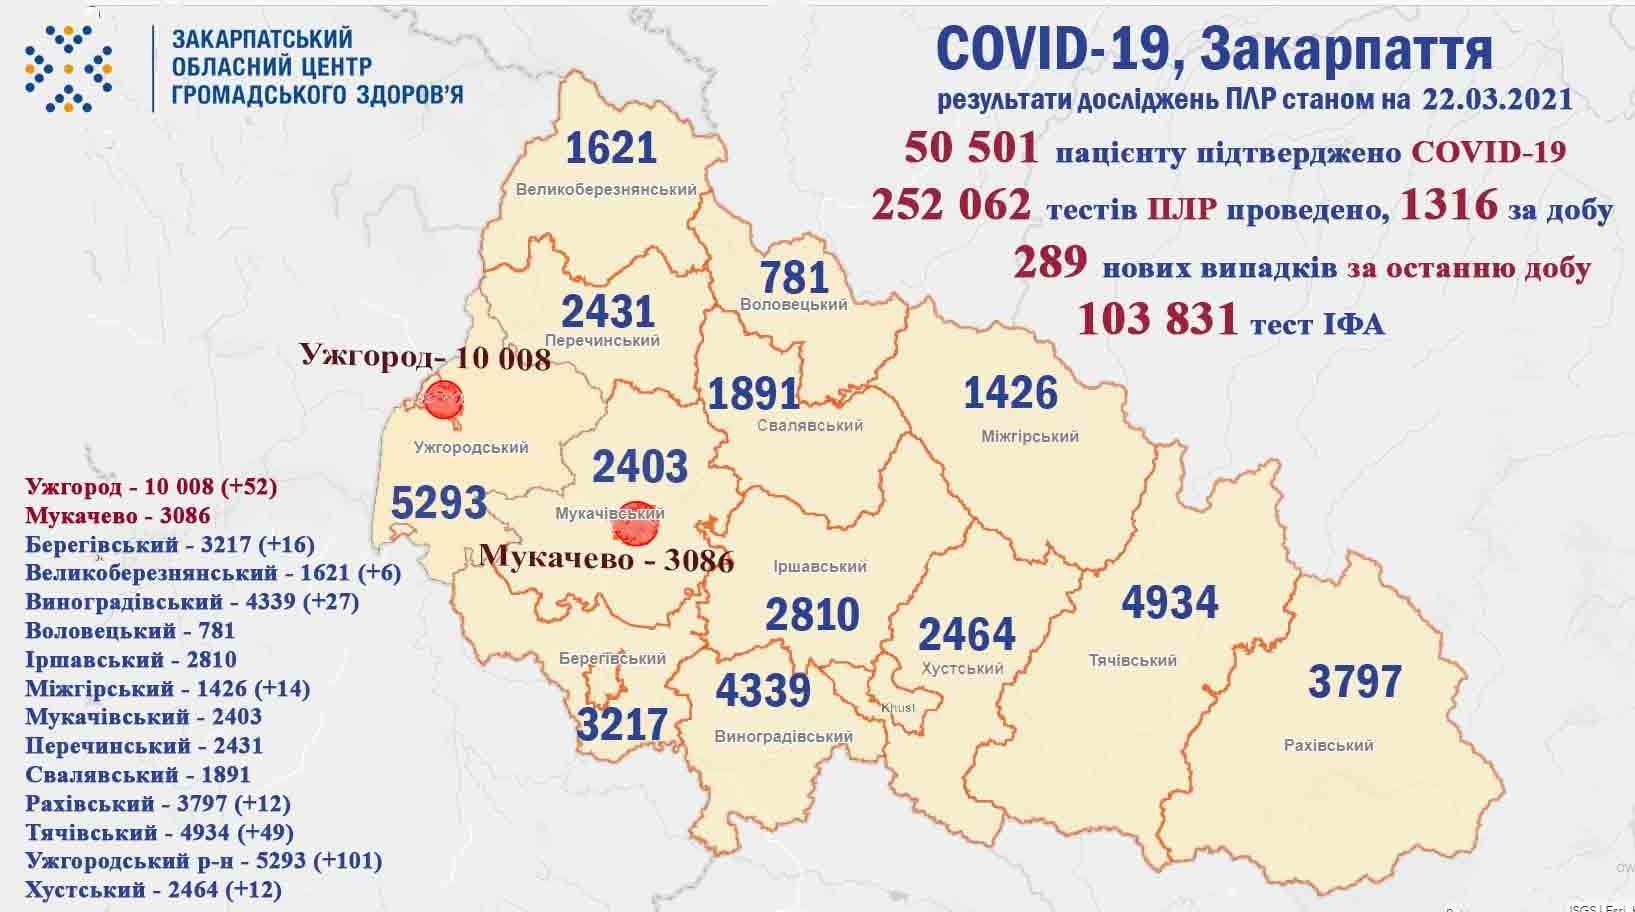 На Закарпатті протягом доби у 289 пацієнтів підтверджено коронавірус